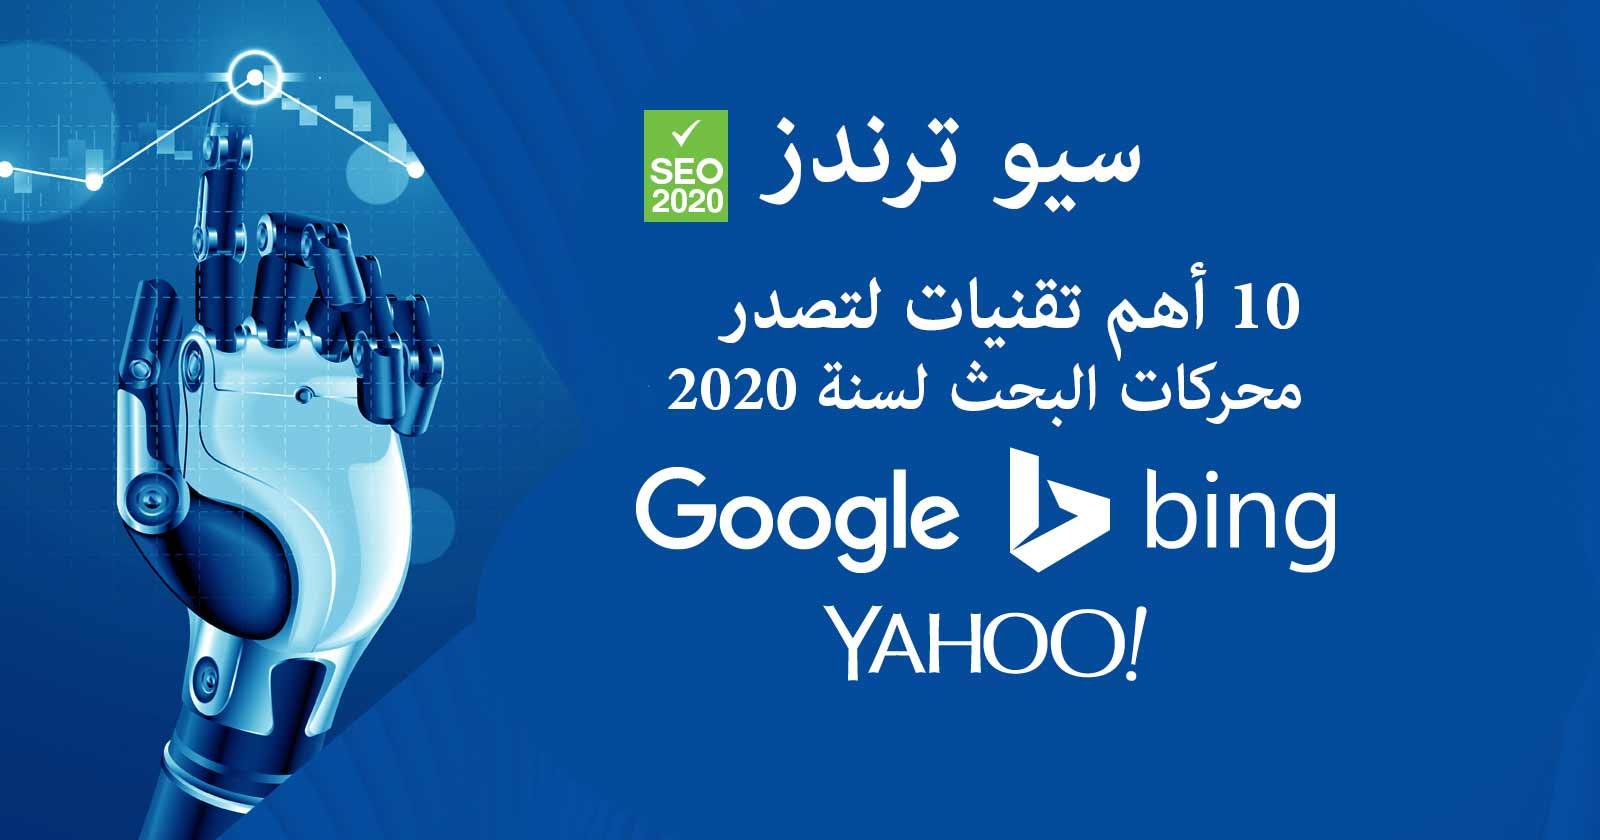 أهم-تقنيات-لتصدر-محركات-البحث-لسنة-2020